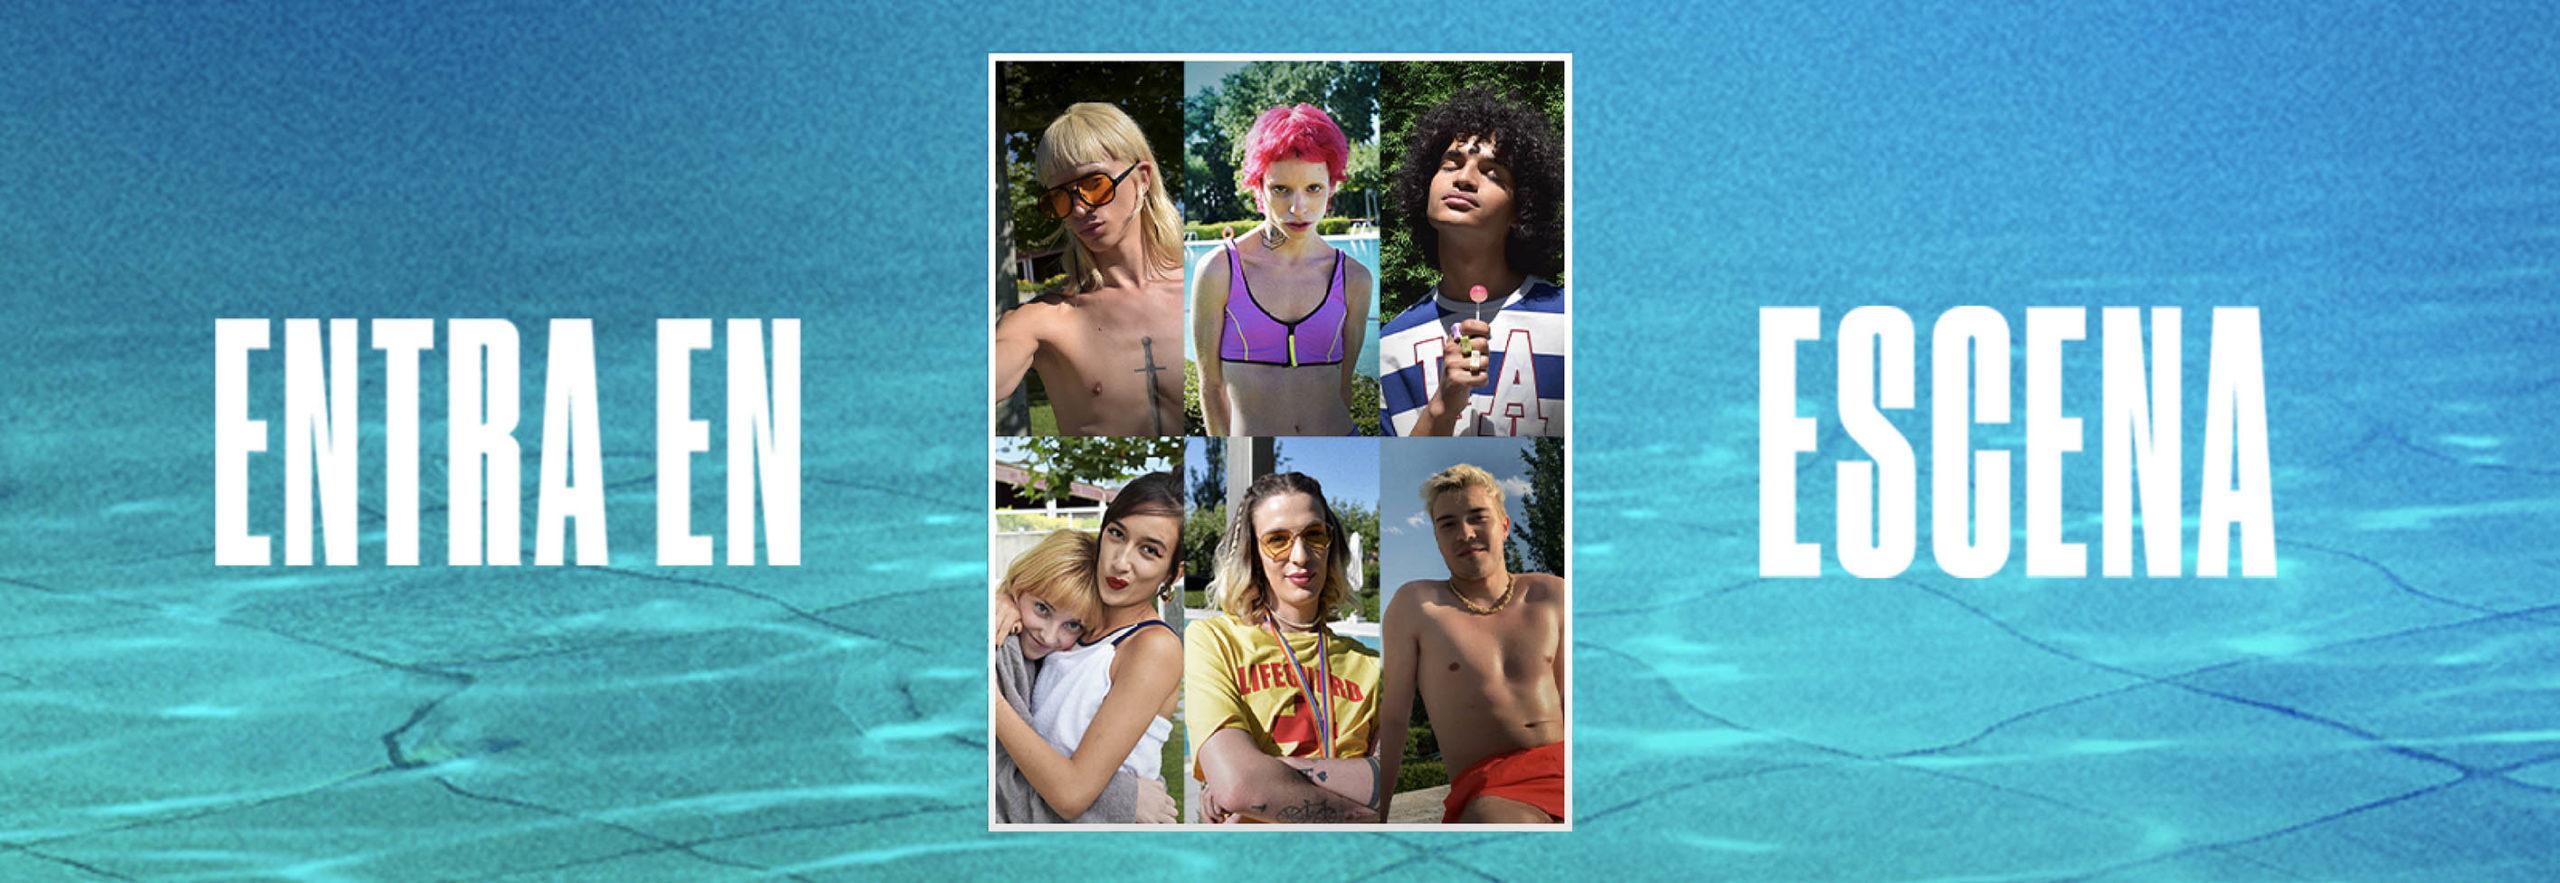 Prime Video lanza la primera serie en TikTok basada en historias reales LGBTIQA+